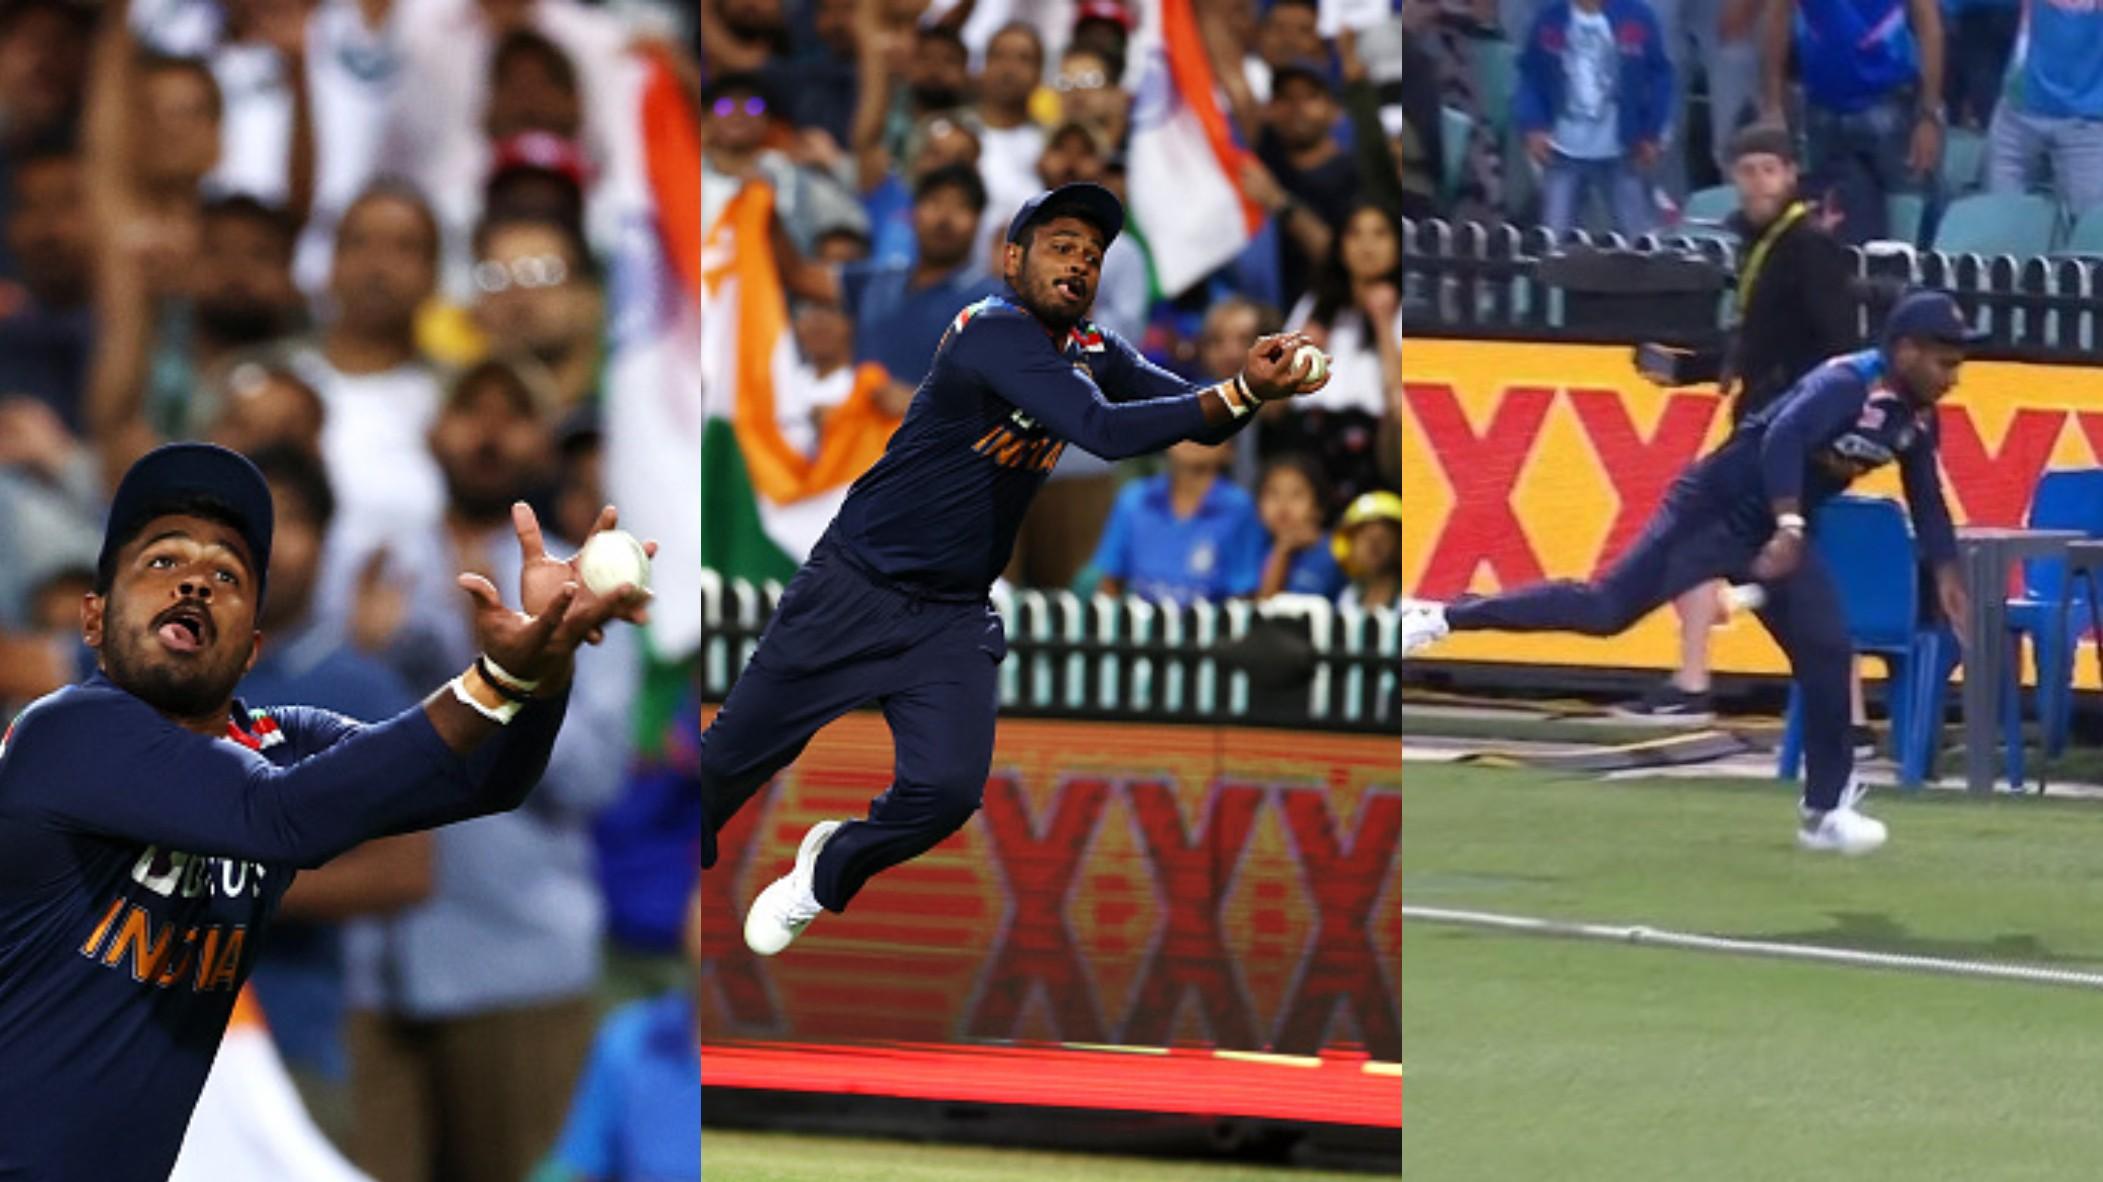 AUS v IND 2020-21: WATCH- Sanju Samson's acrobatic dive saves a sure six